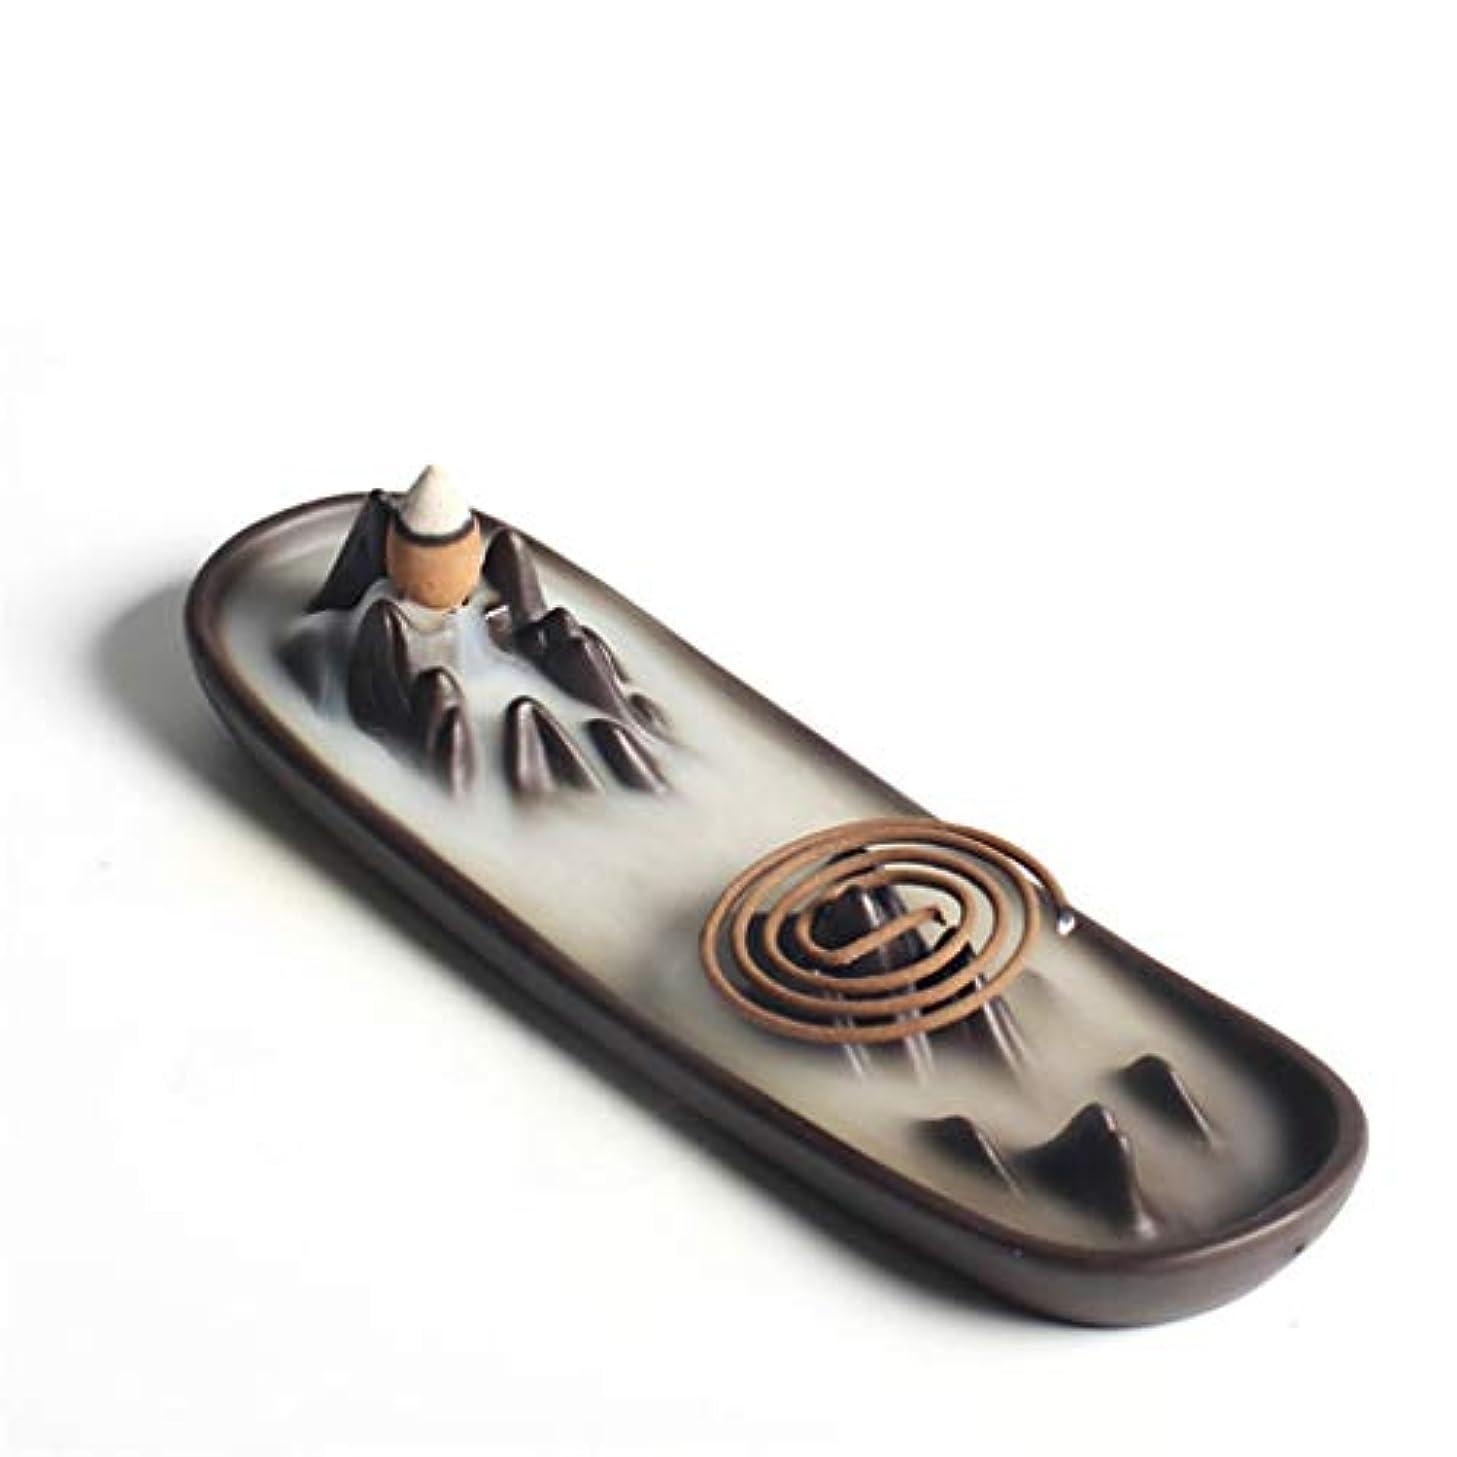 粒巨大な咲くホームアロマバーナー 逆流香バーナー家の装飾セラミックアロマセラピー仏教の滝香炉香コイルスティックホルダー 芳香器アロマバーナー (Color : A)